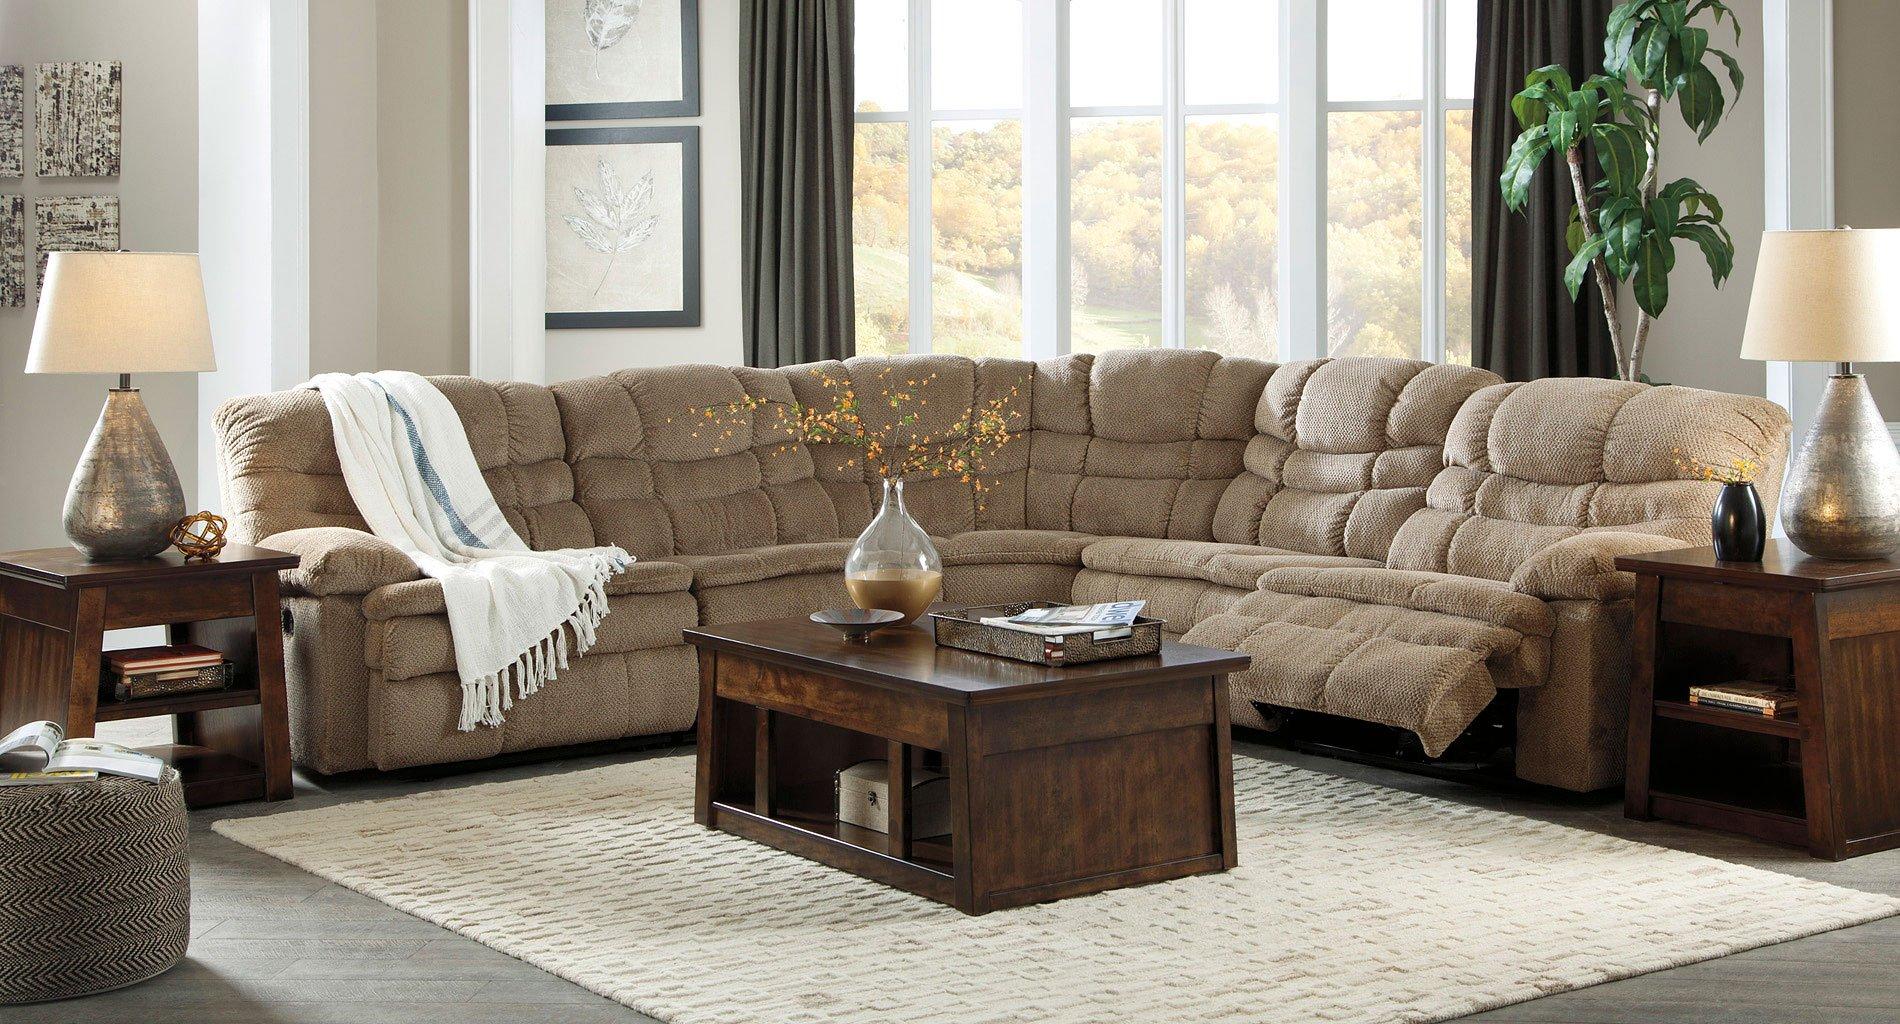 zavion caramel modular reclining sectional set living room sets living room furniture. Black Bedroom Furniture Sets. Home Design Ideas